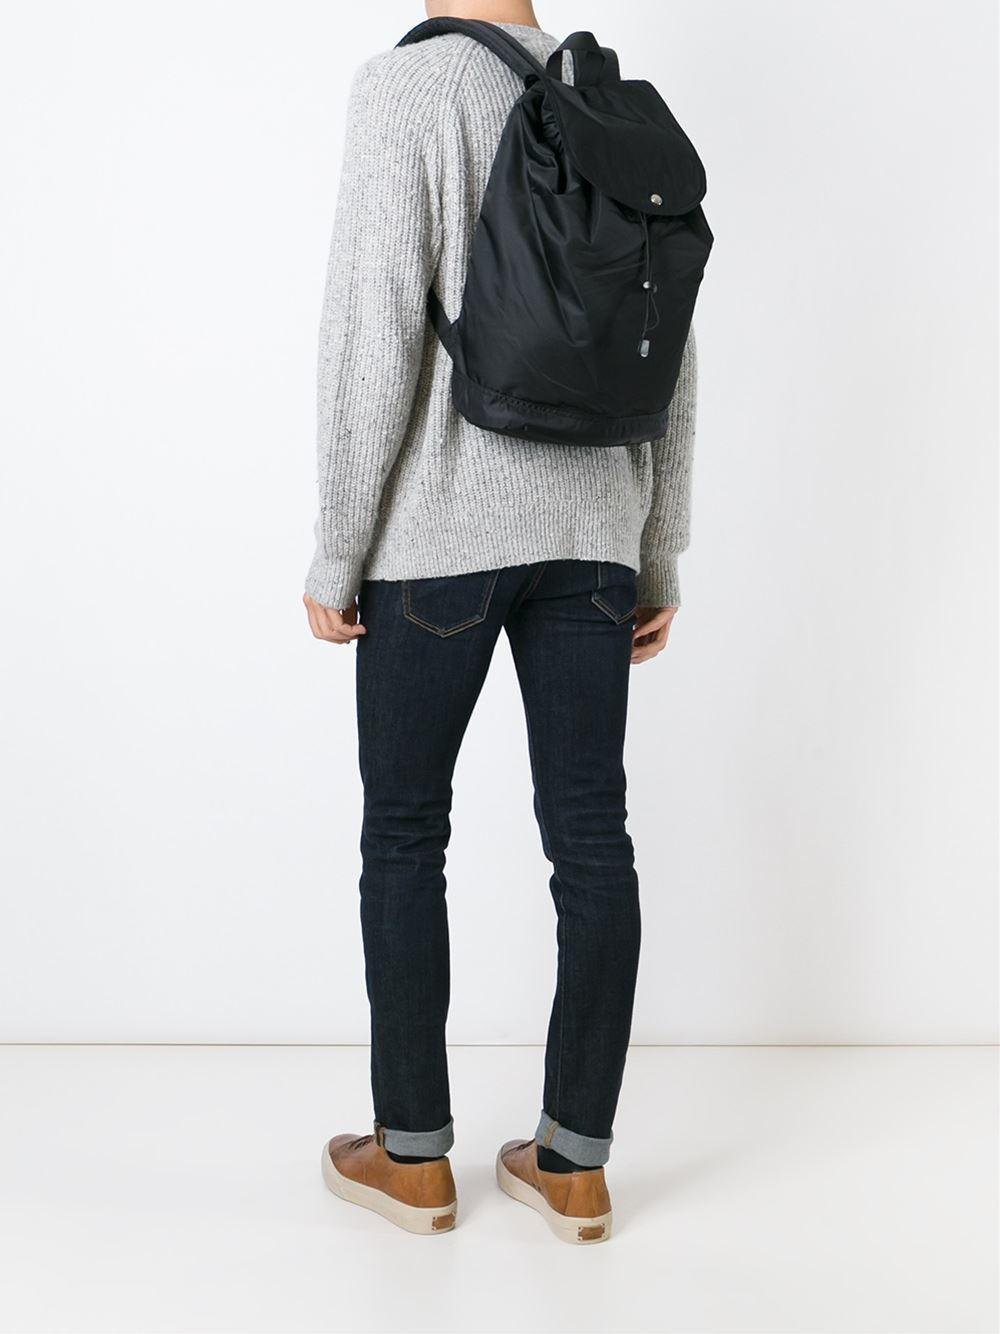 3265b1adcf Herschel Supply Co.  reid  Backpack in Black - Lyst